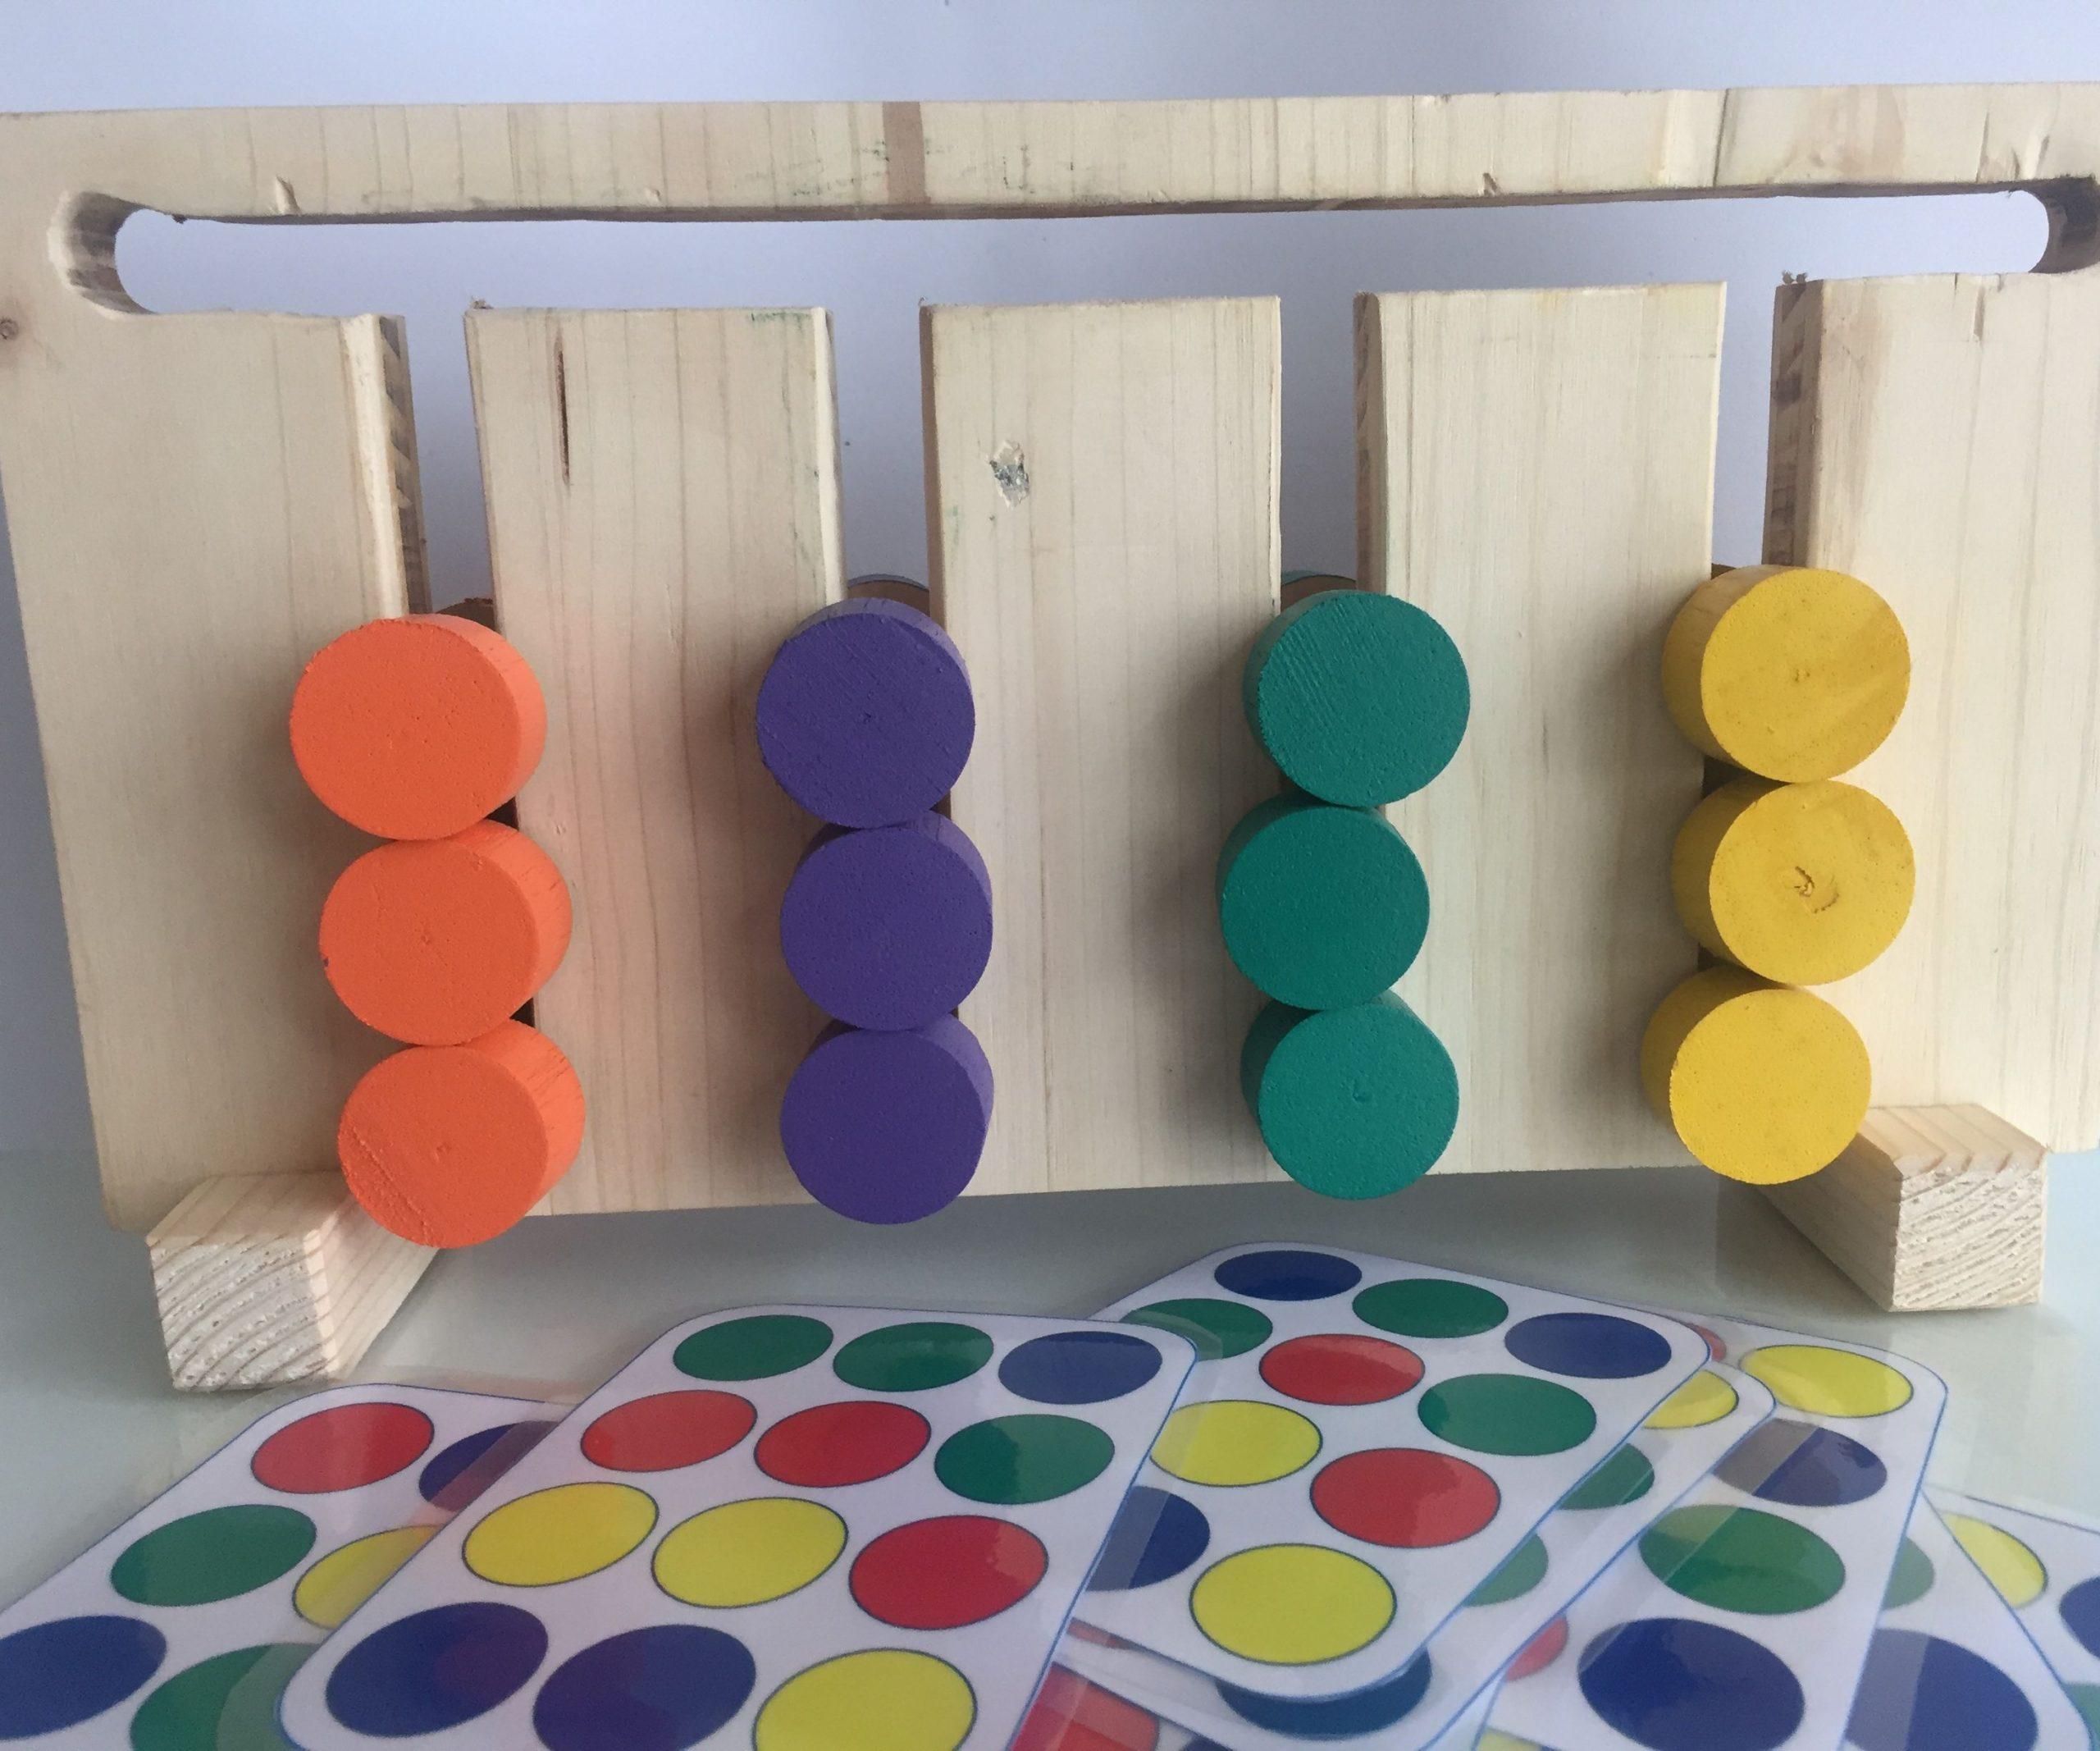 2D Rubik Game For Toddlers | Jeux Pour Tout Petit, Jeux A intérieur Jeux Pour Tout Petit